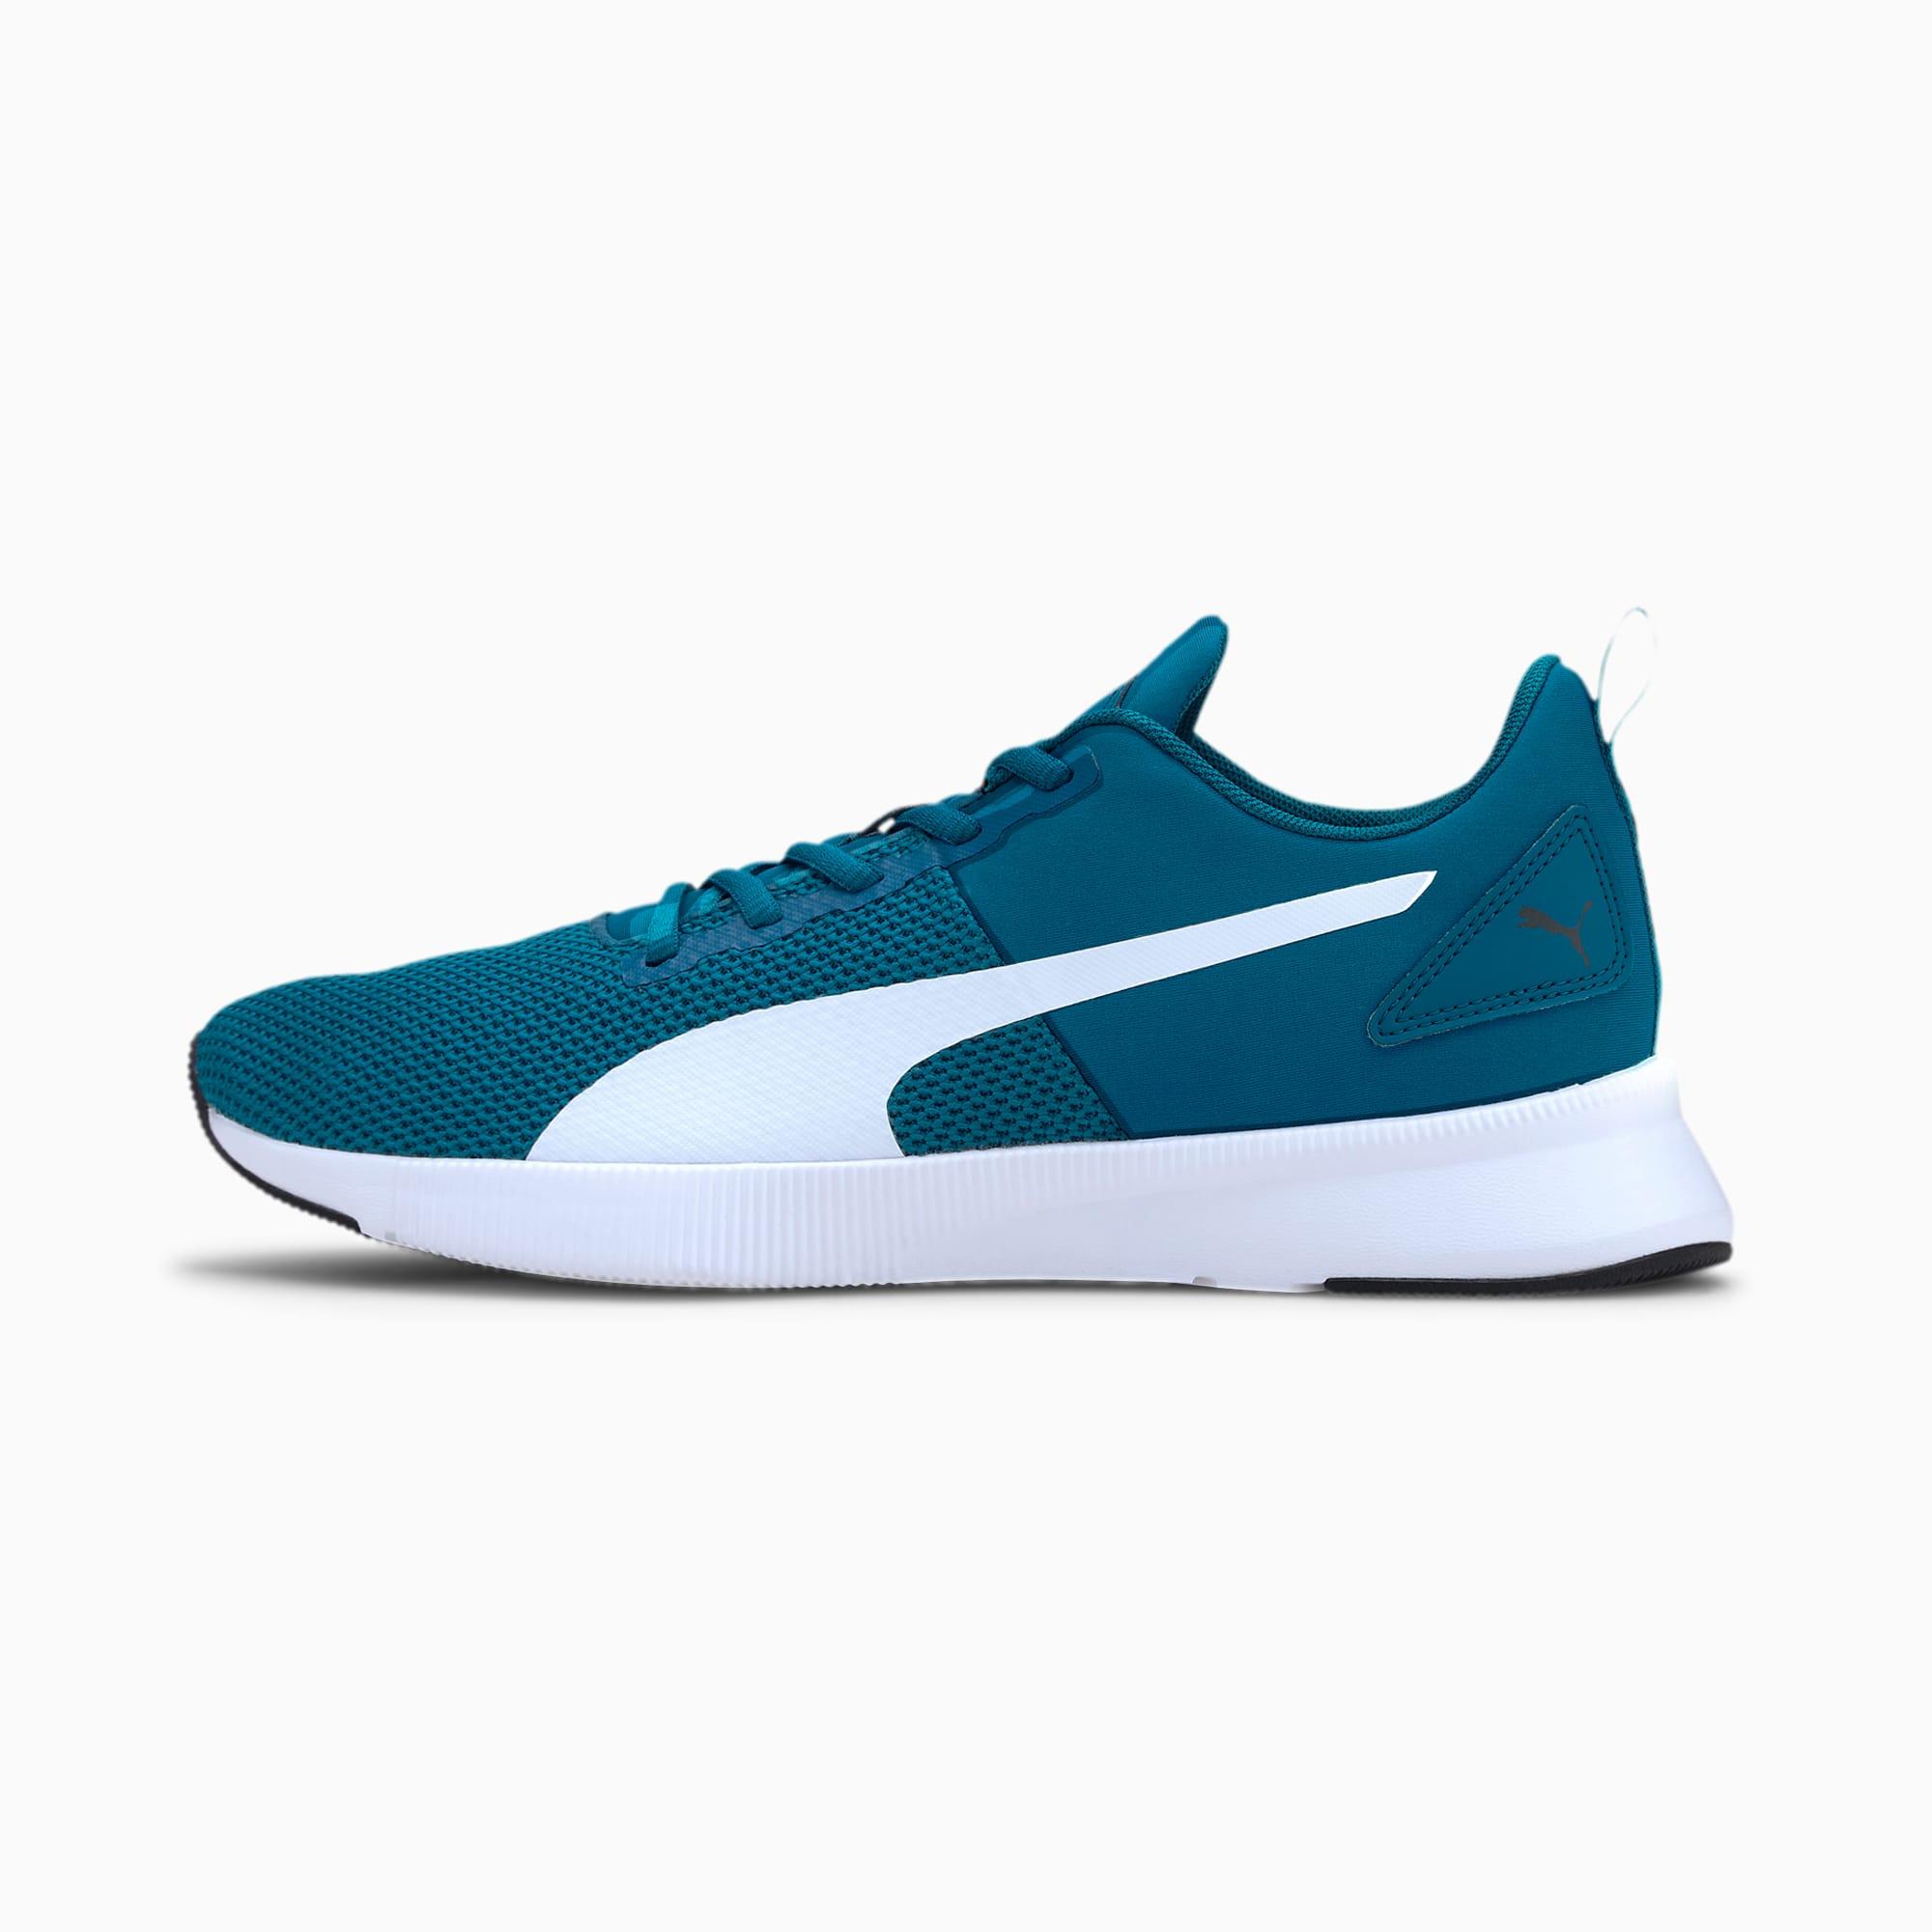 PUMA Chaussure de course Flyer Runner, Blanc/Bleu, Taille 46, Chaussures